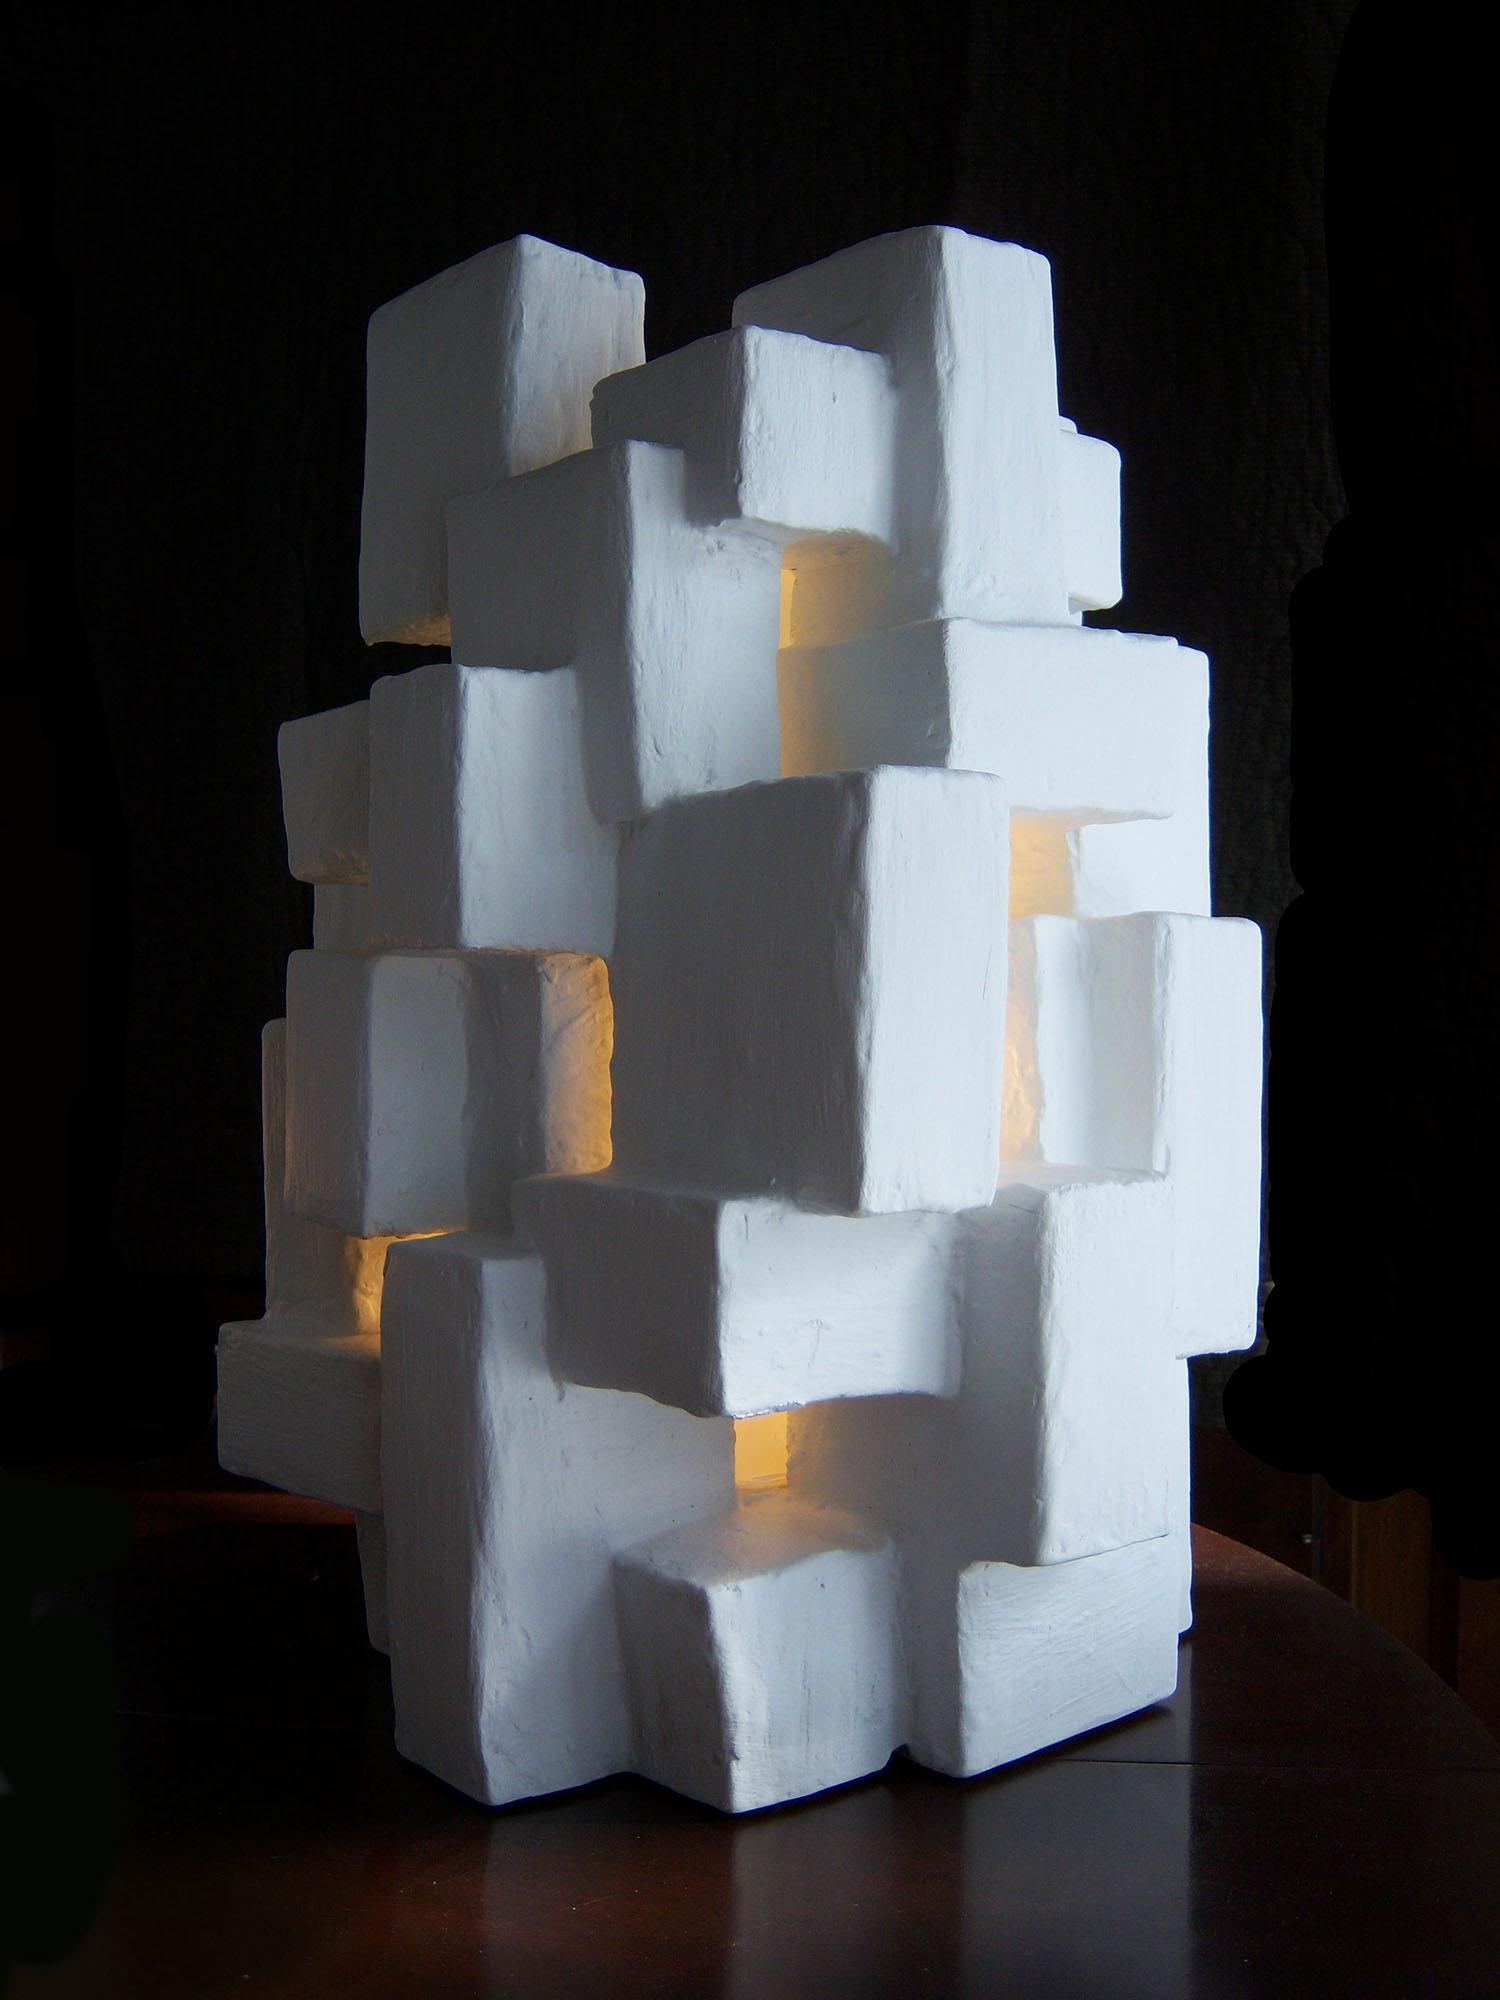 """GOTHAM LIGHT SCULPTURE I, Mixed Media, 18"""" x 10"""" x 9"""", 2012"""